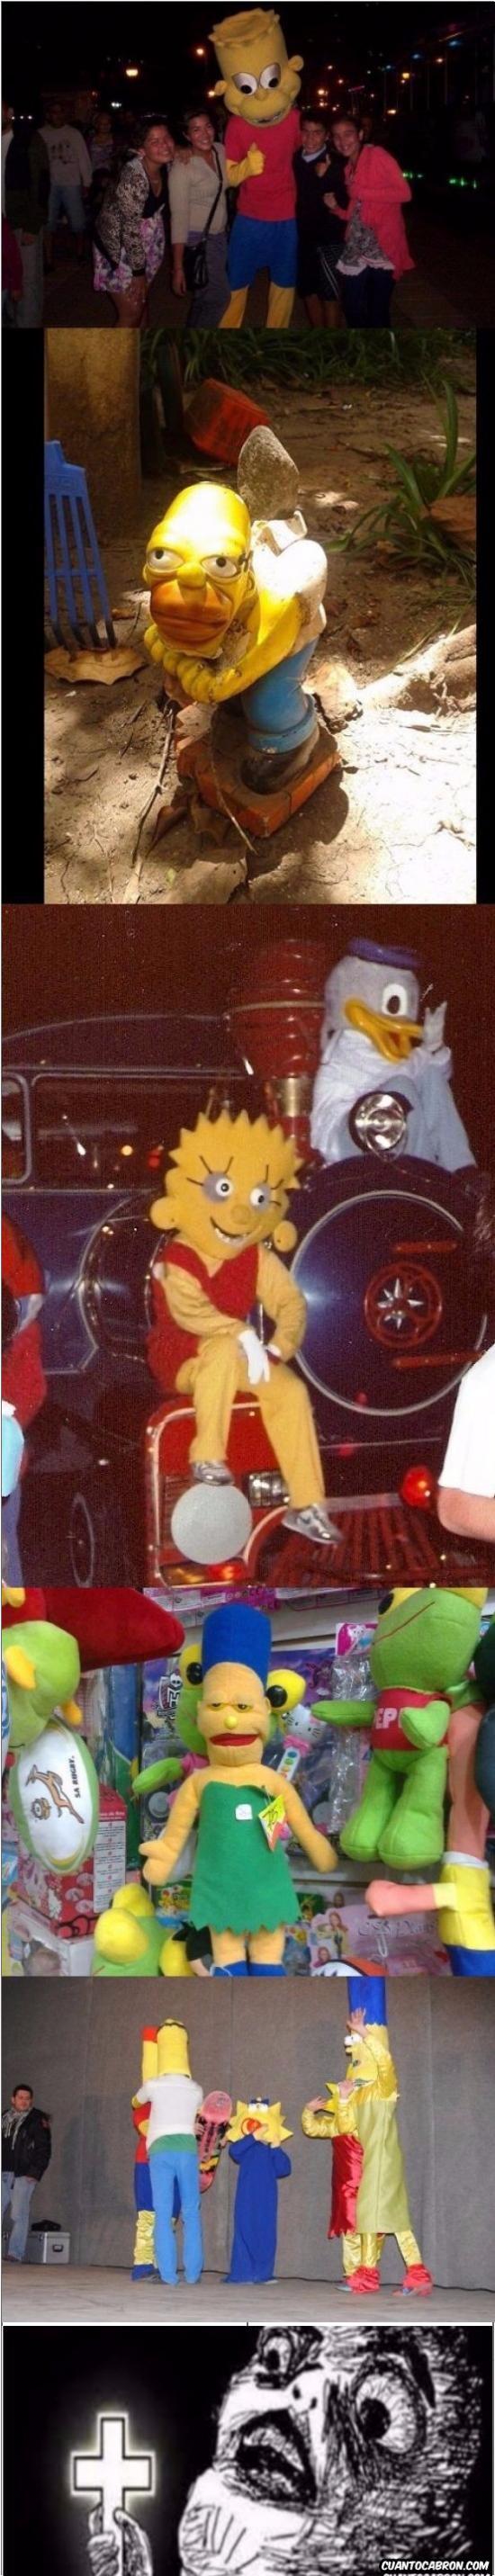 Otros - ¡¡¡Los Simpsons del terror!!!